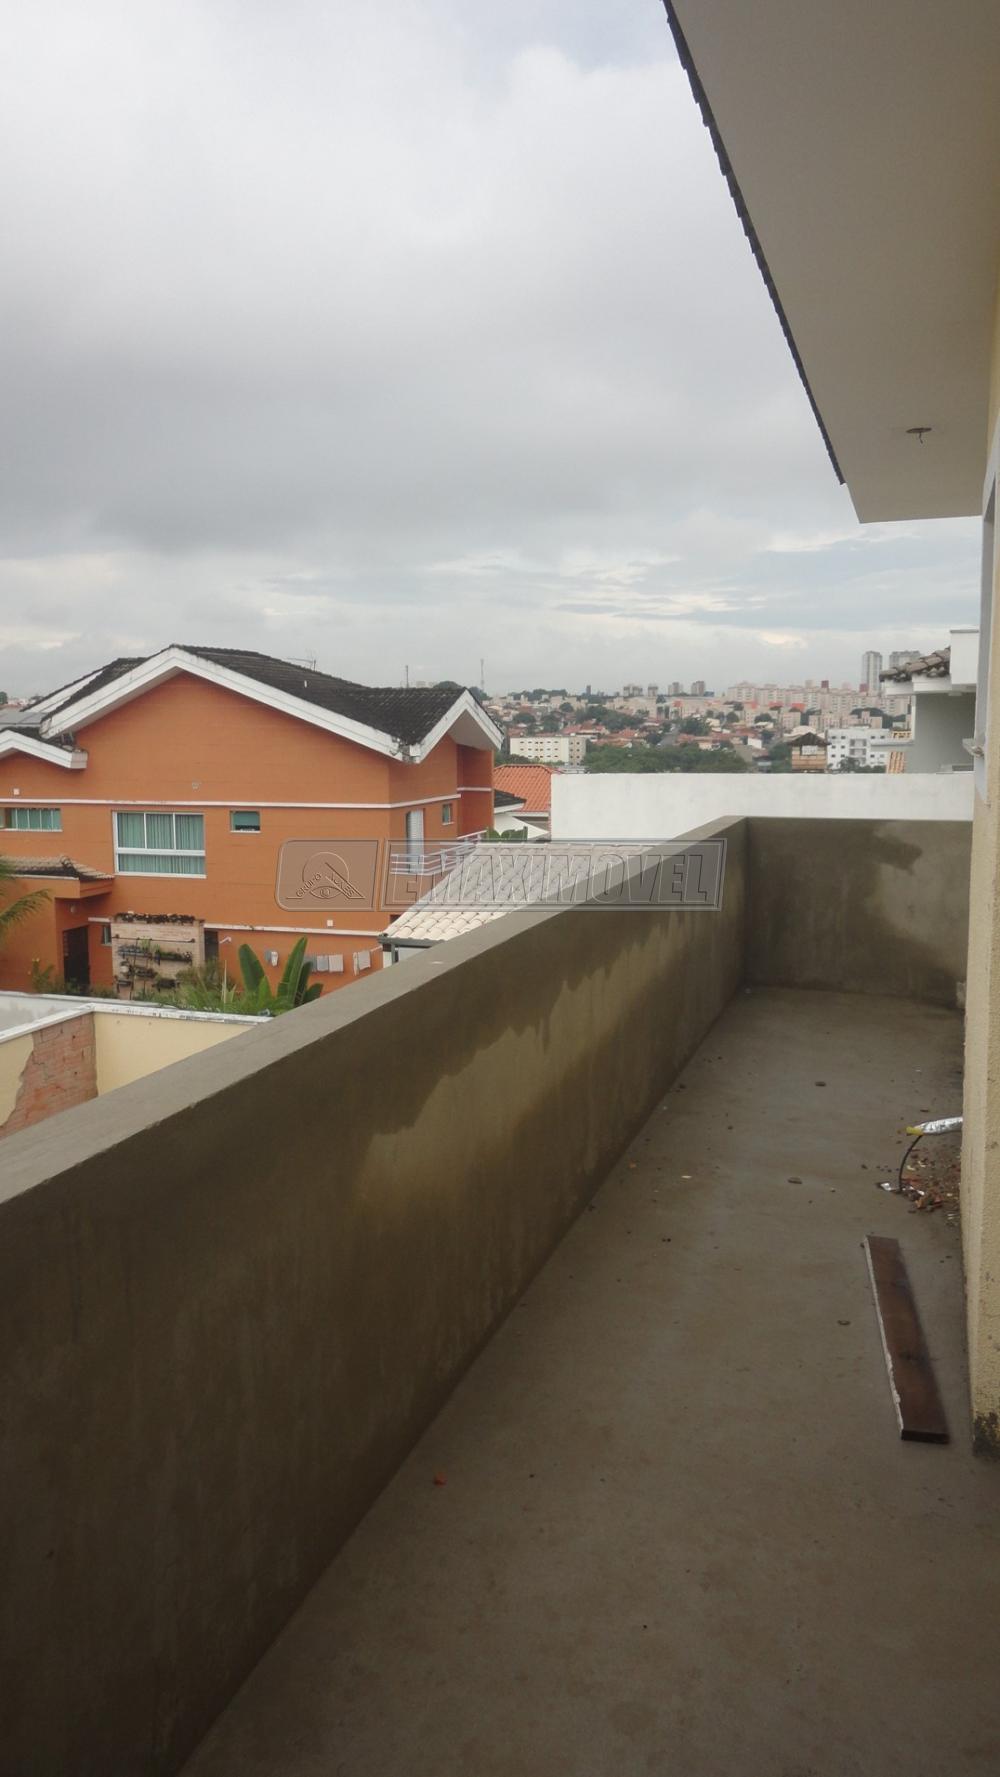 Comprar Casas / em Condomínios em Sorocaba apenas R$ 900.000,00 - Foto 14